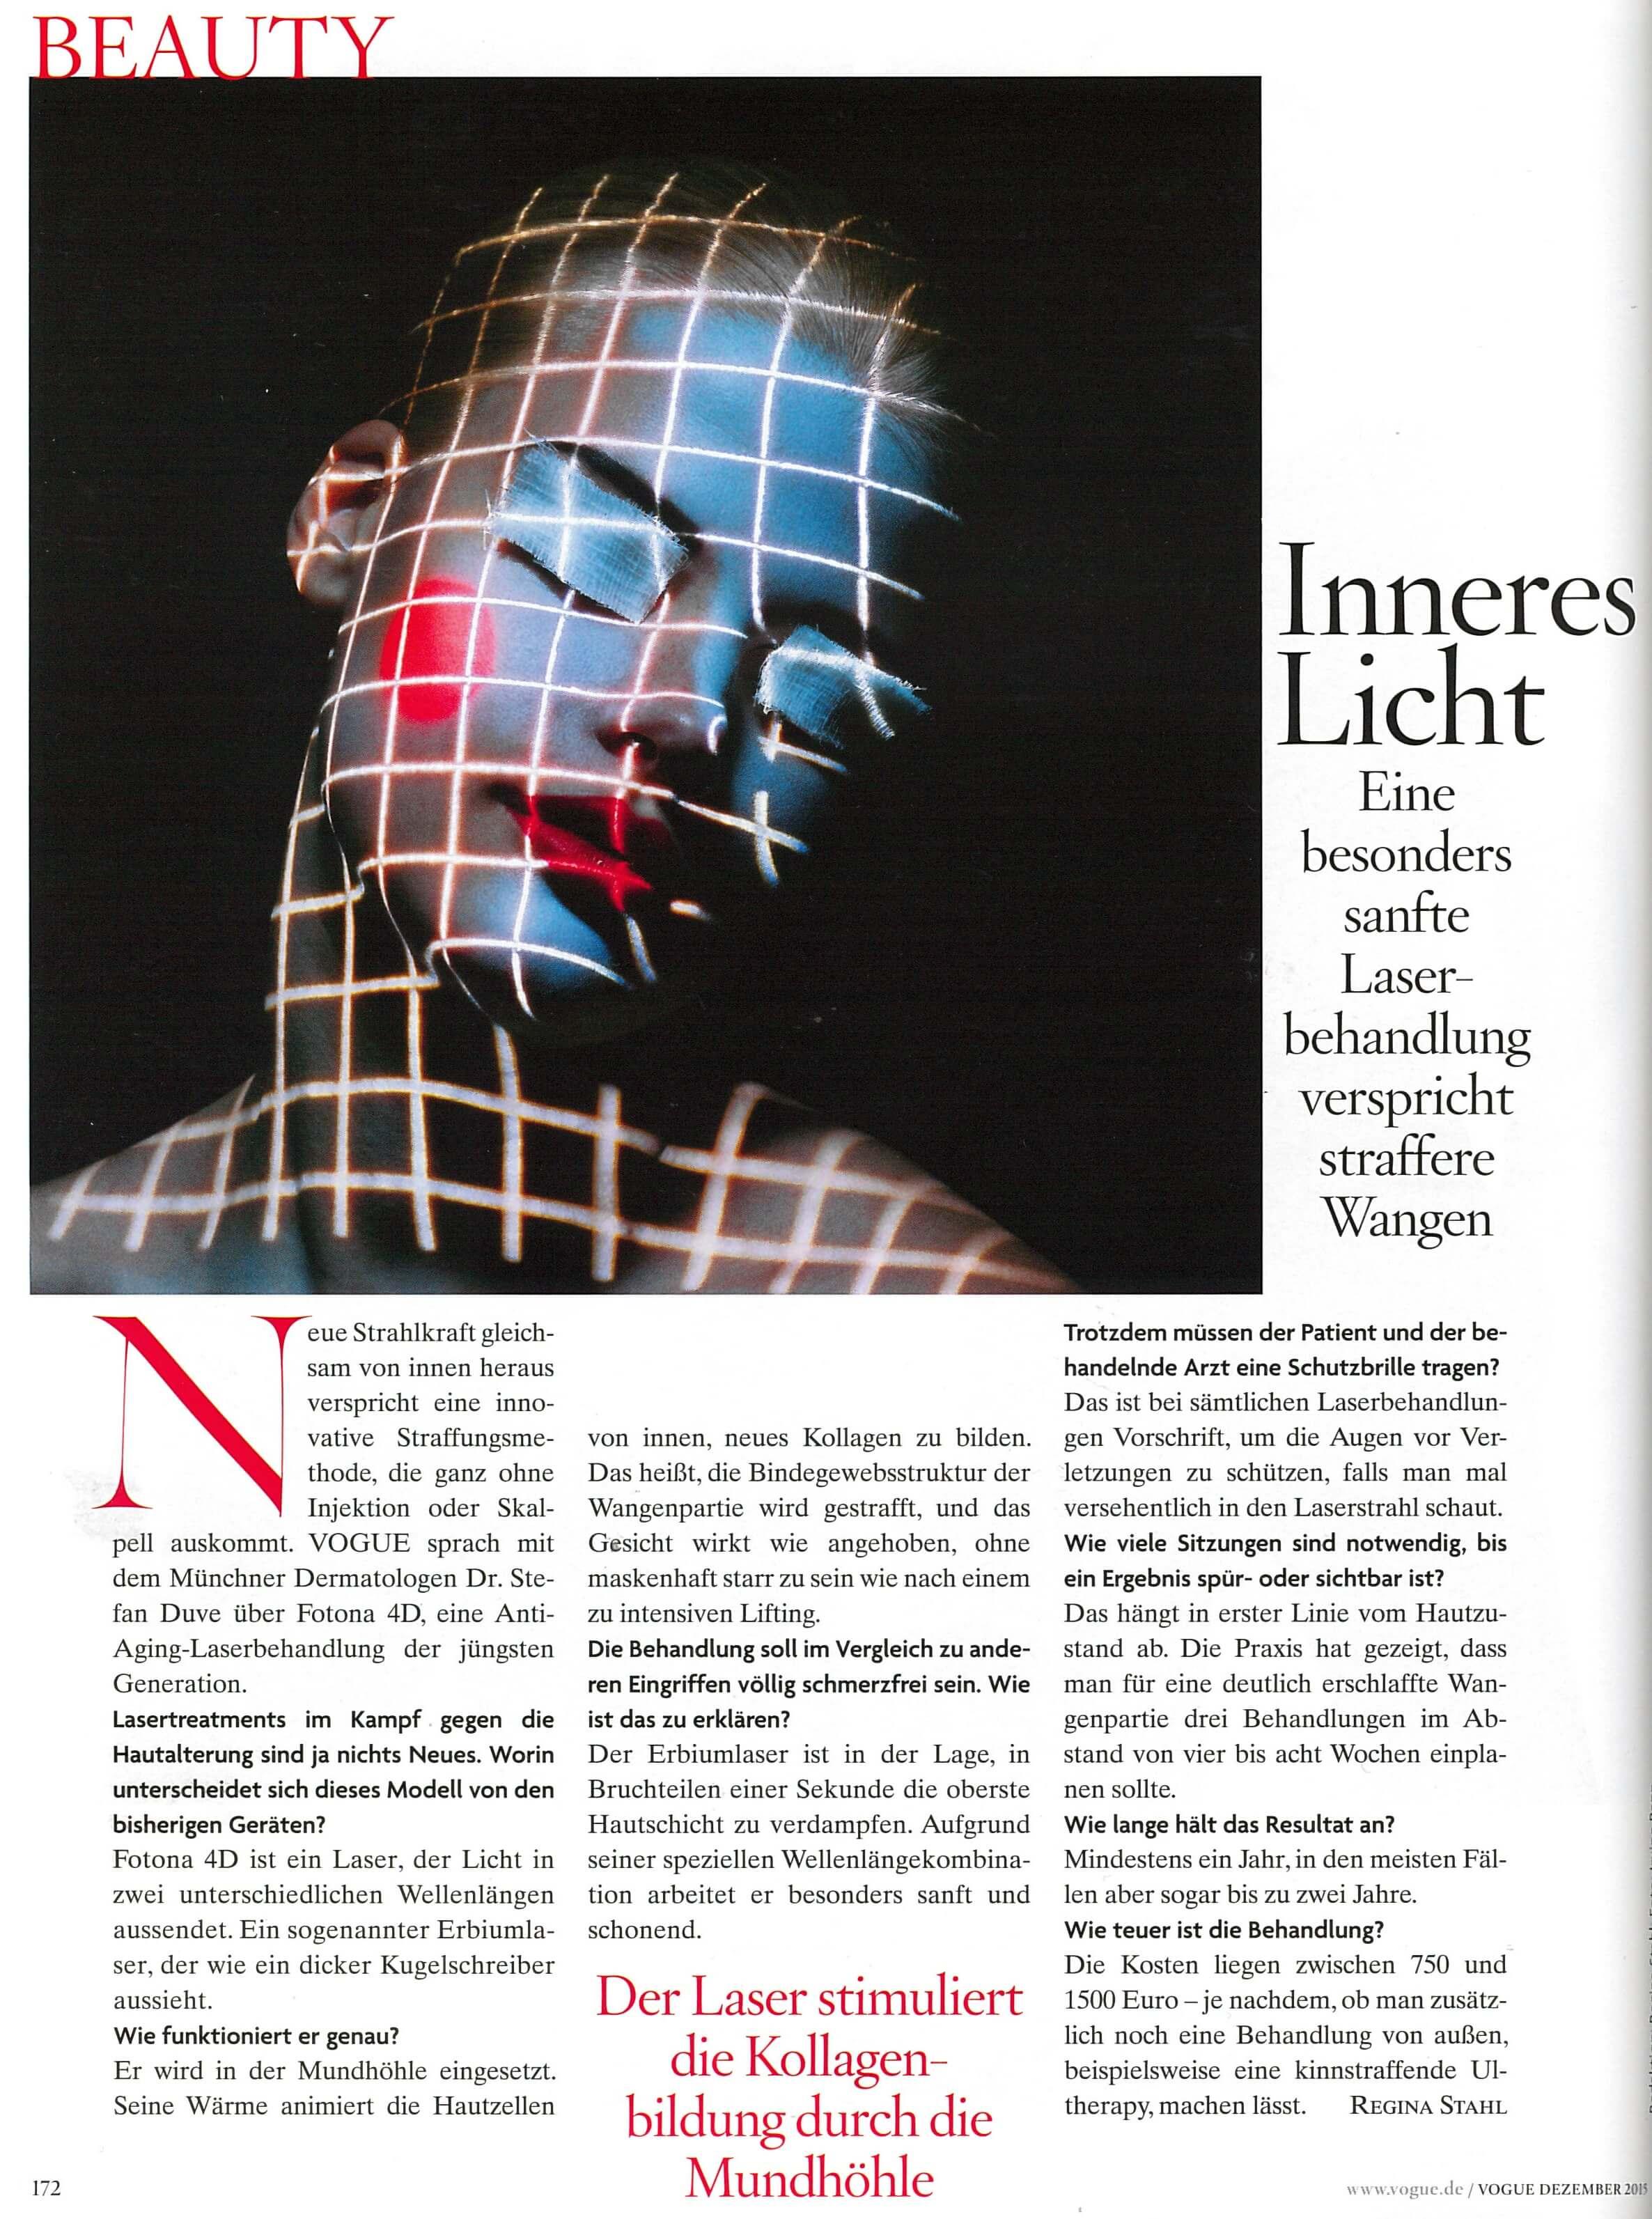 Haut-und-Laserzentrum_Vogue_Dezember_2015_1